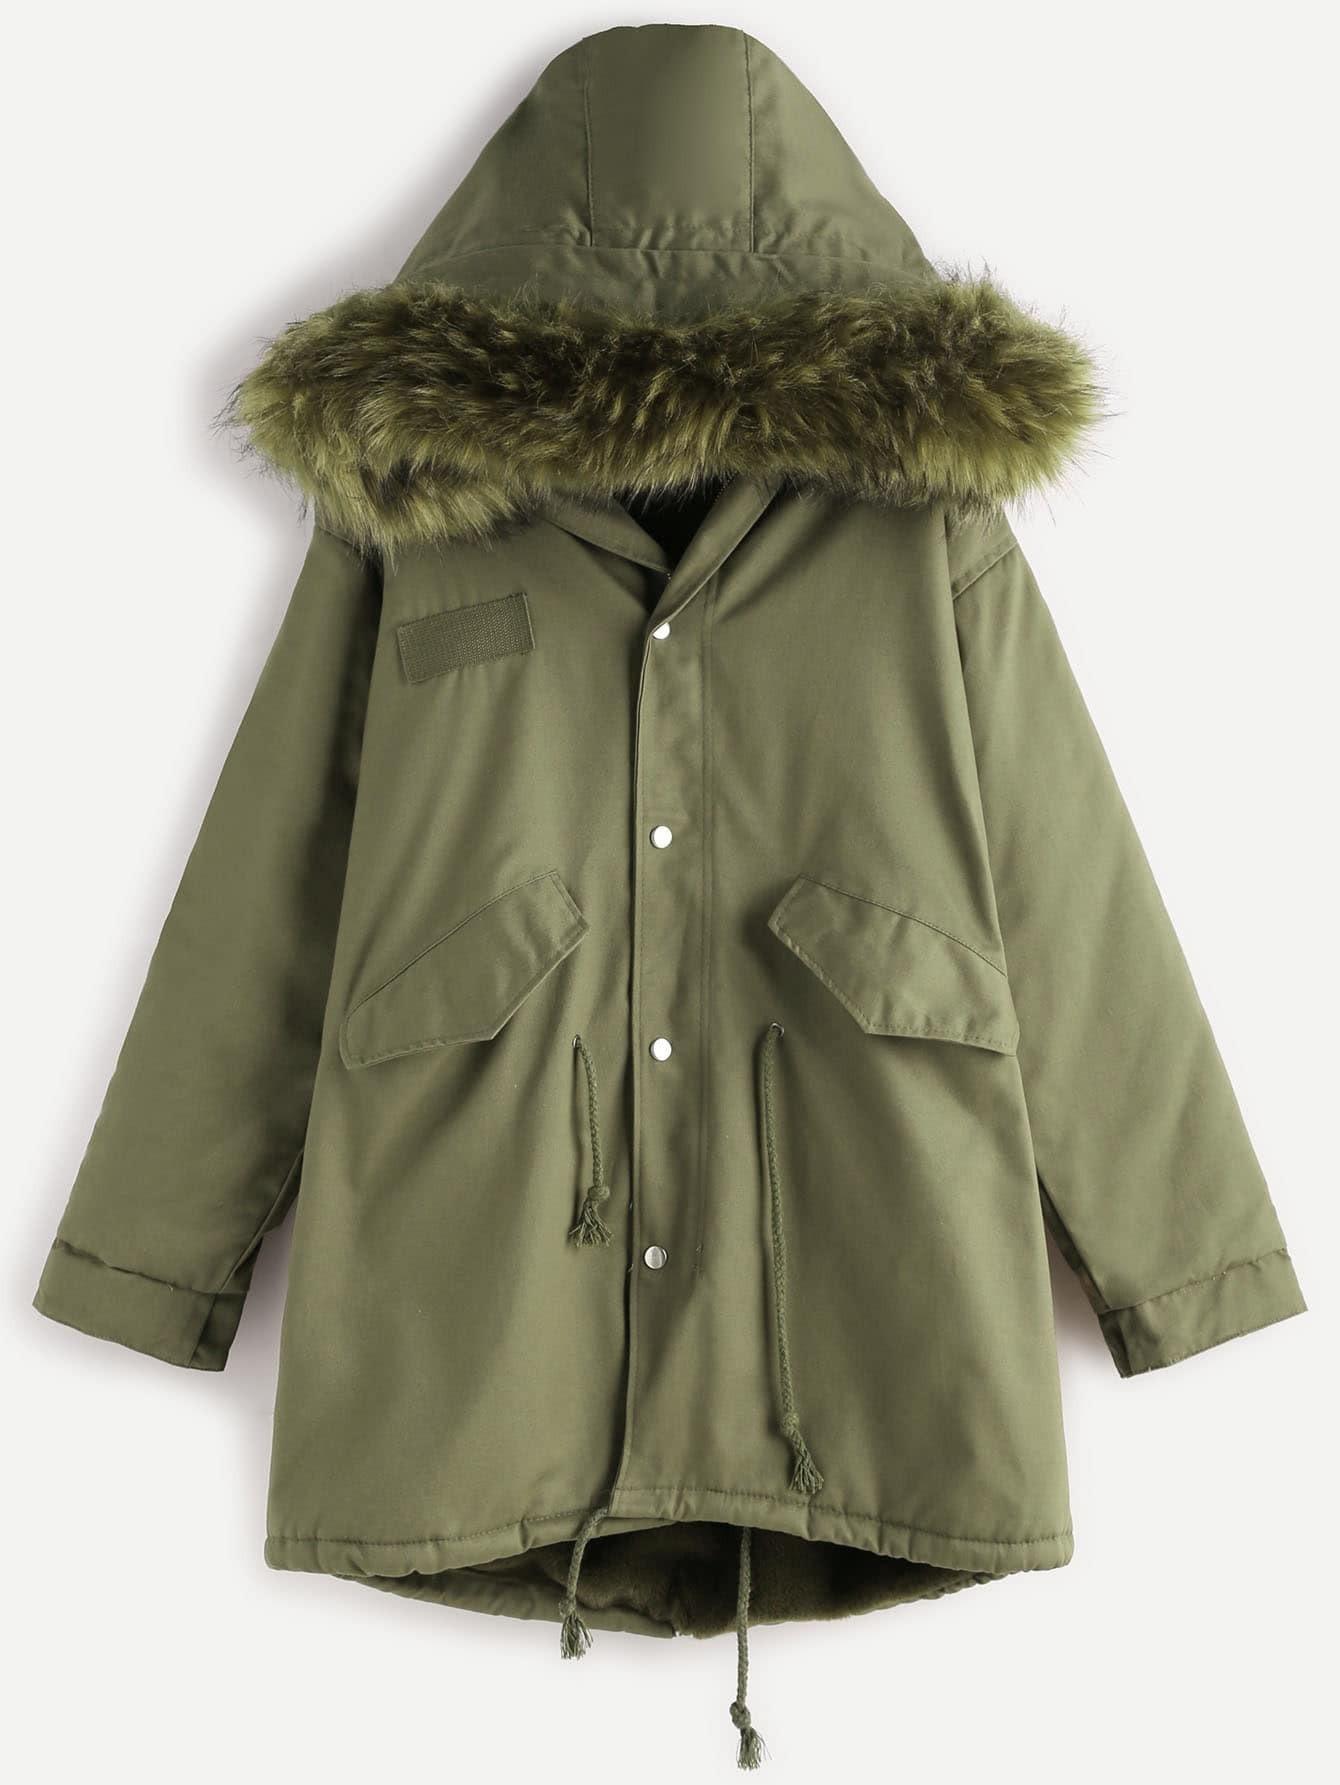 Green Faux Fur Trim Drawstring Fleece Inside Hooded Coat